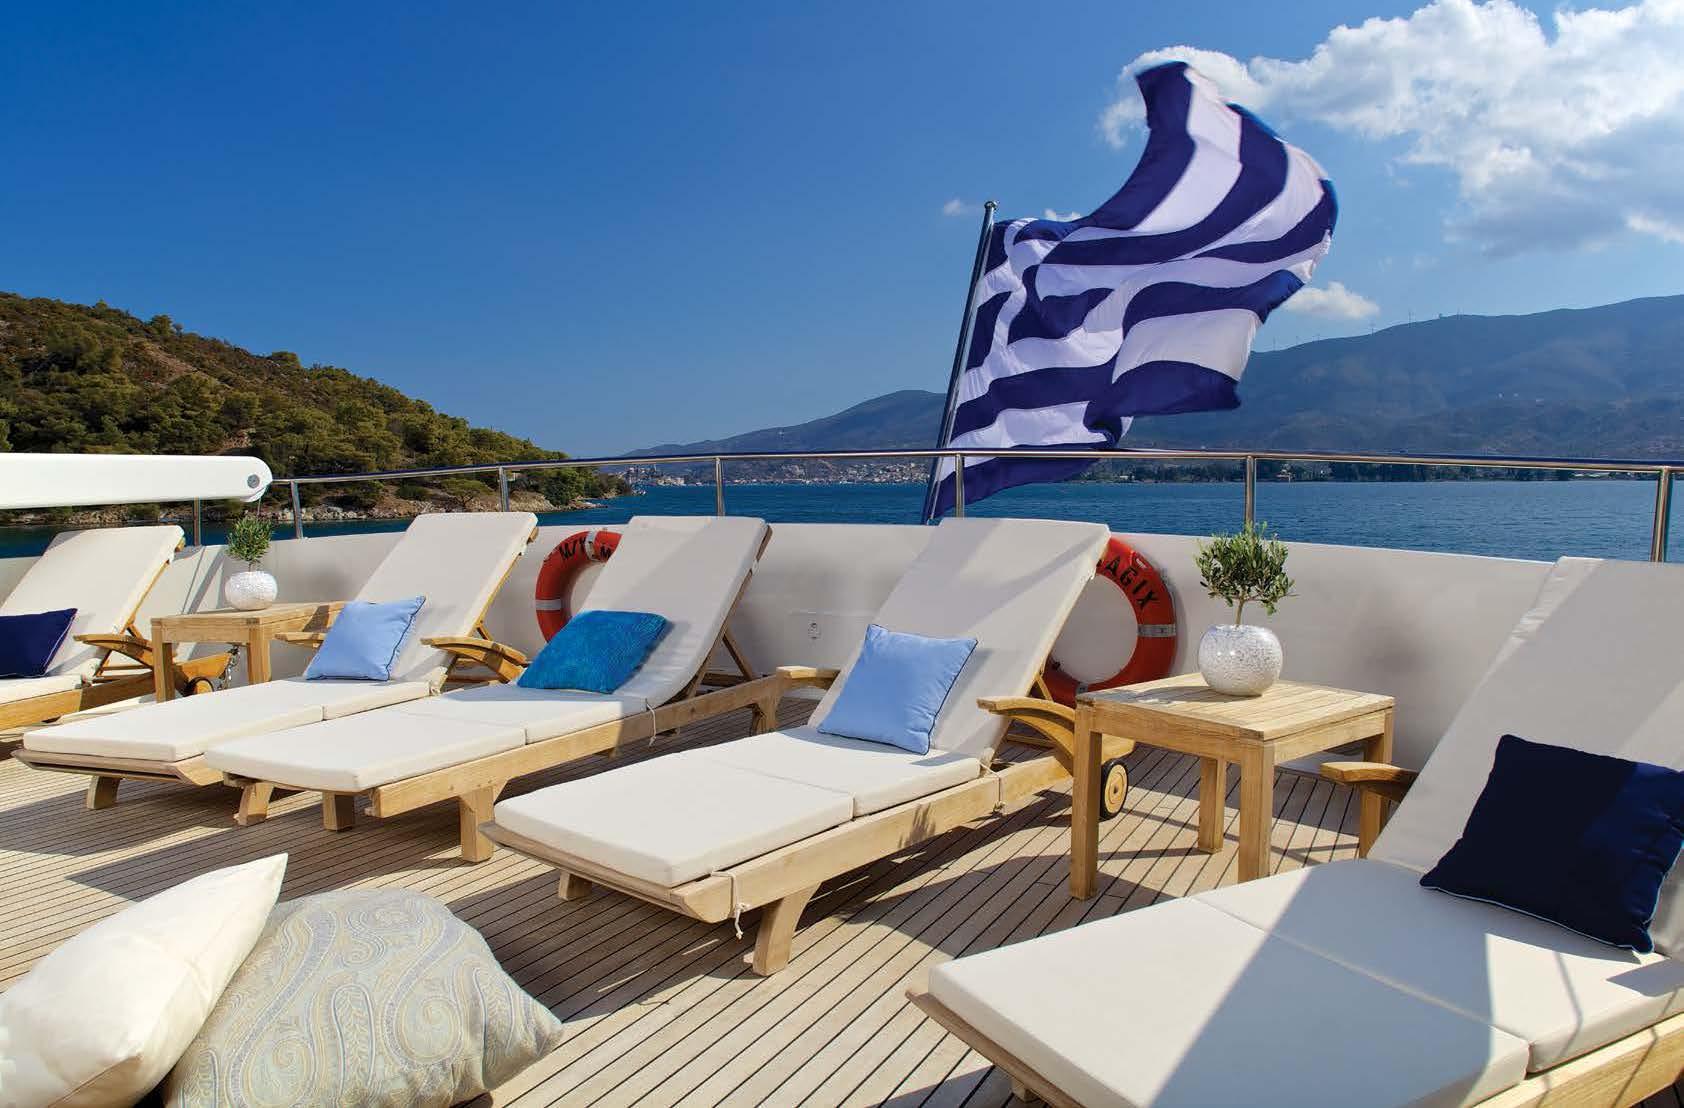 Top Deck Sunbathing